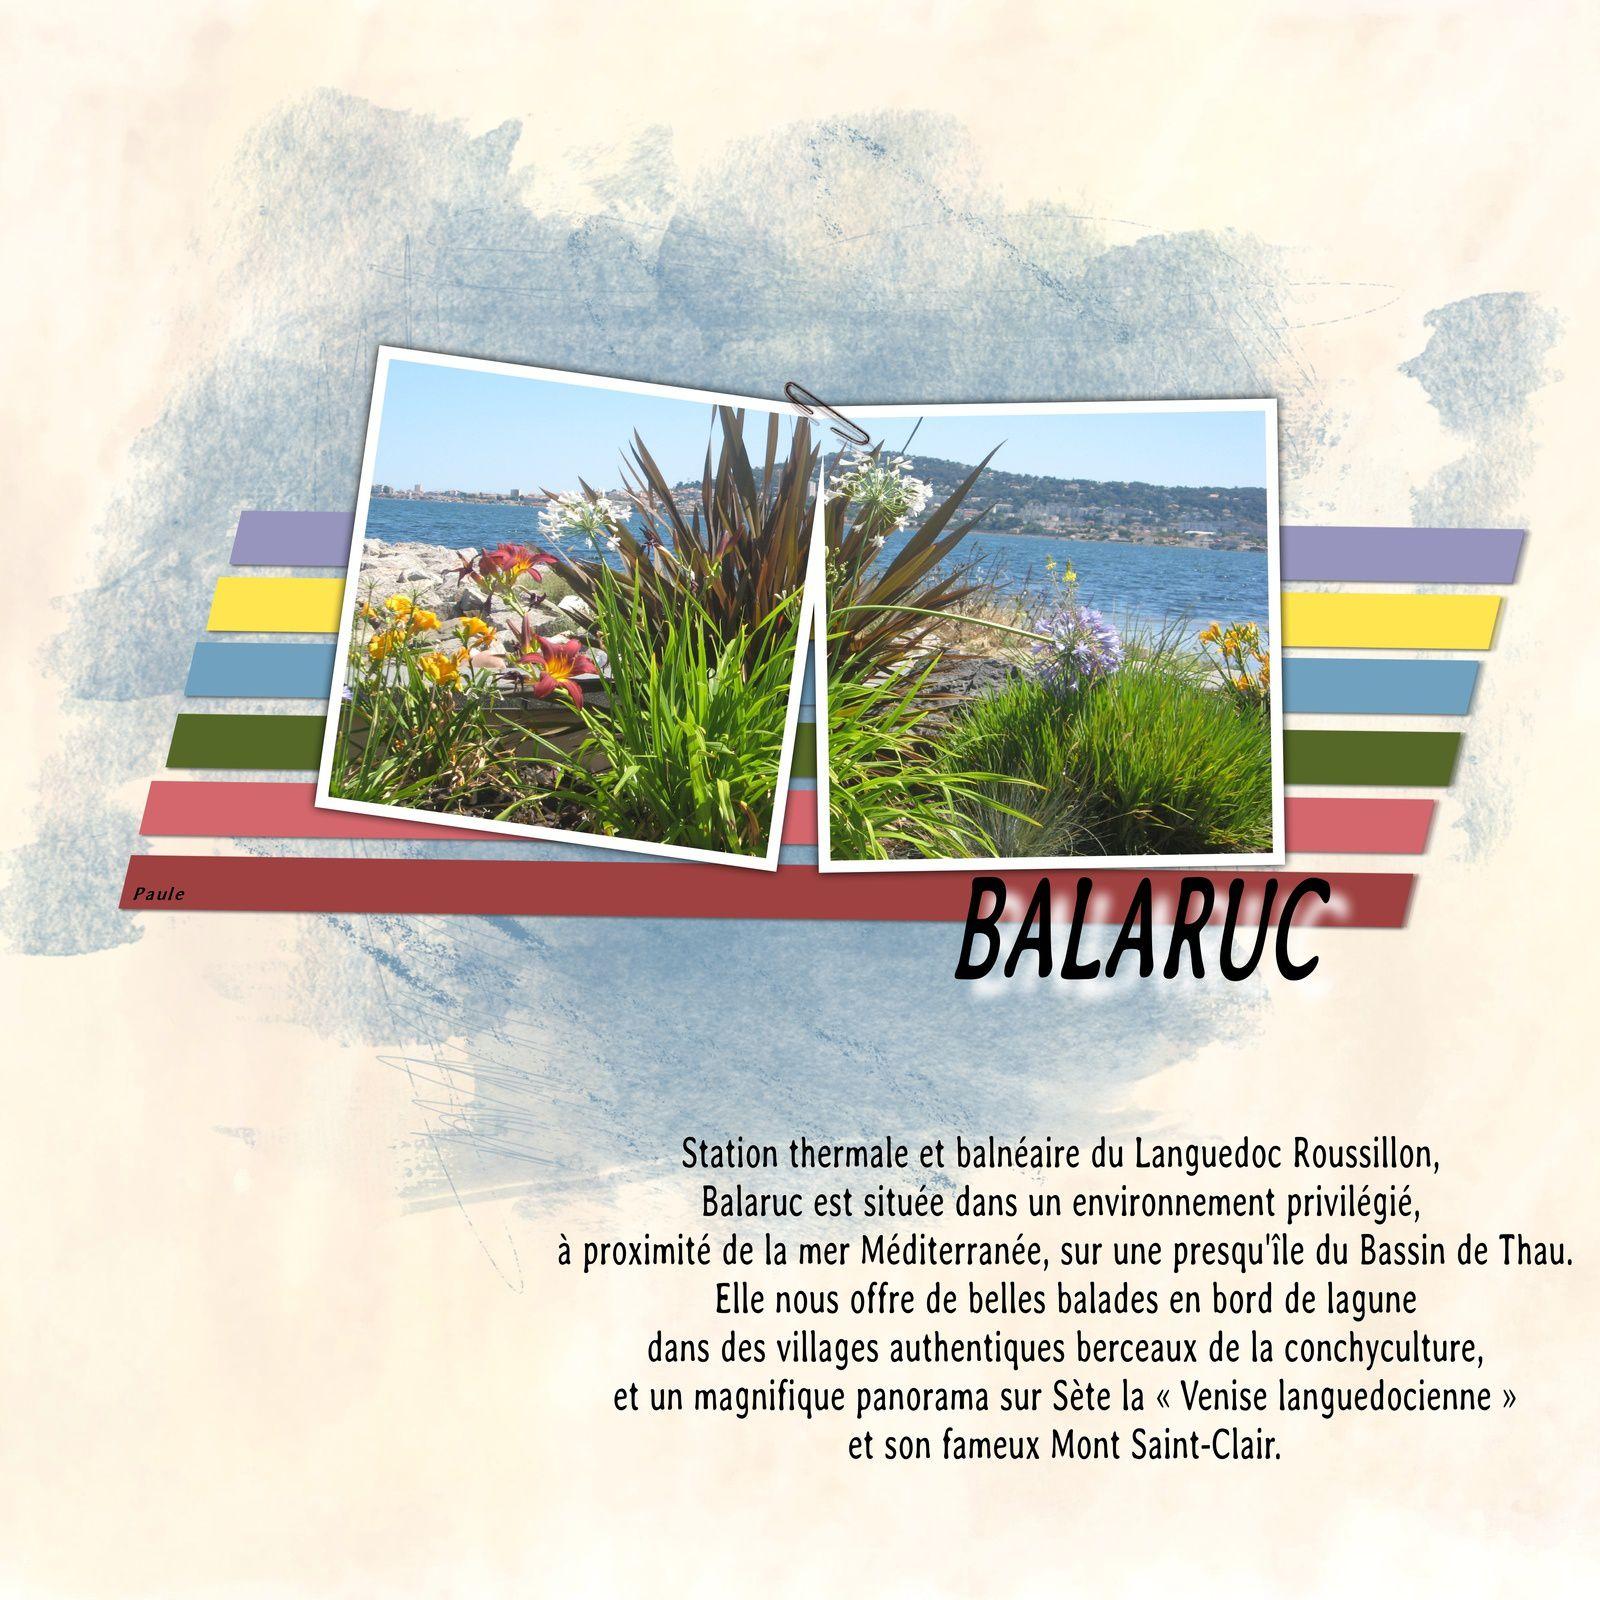 Balaruc.